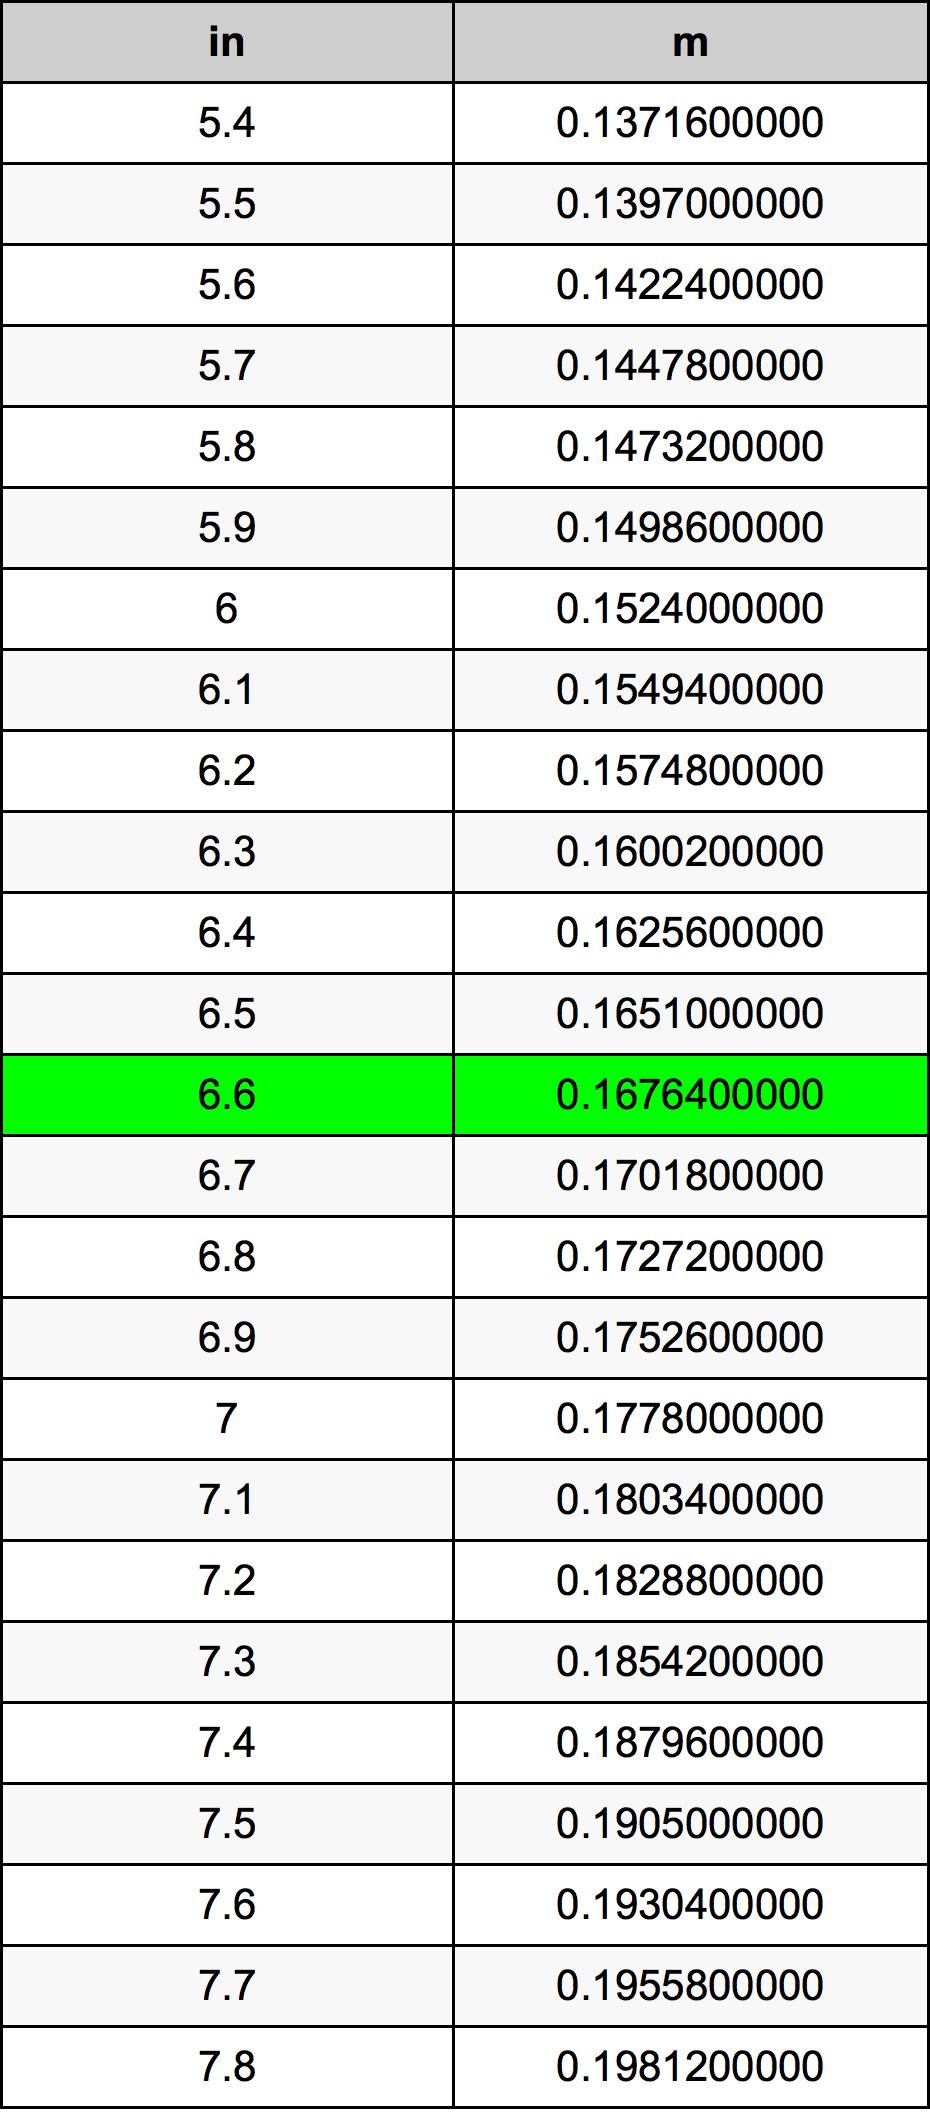 6.6 Zoll Umrechnungstabelle